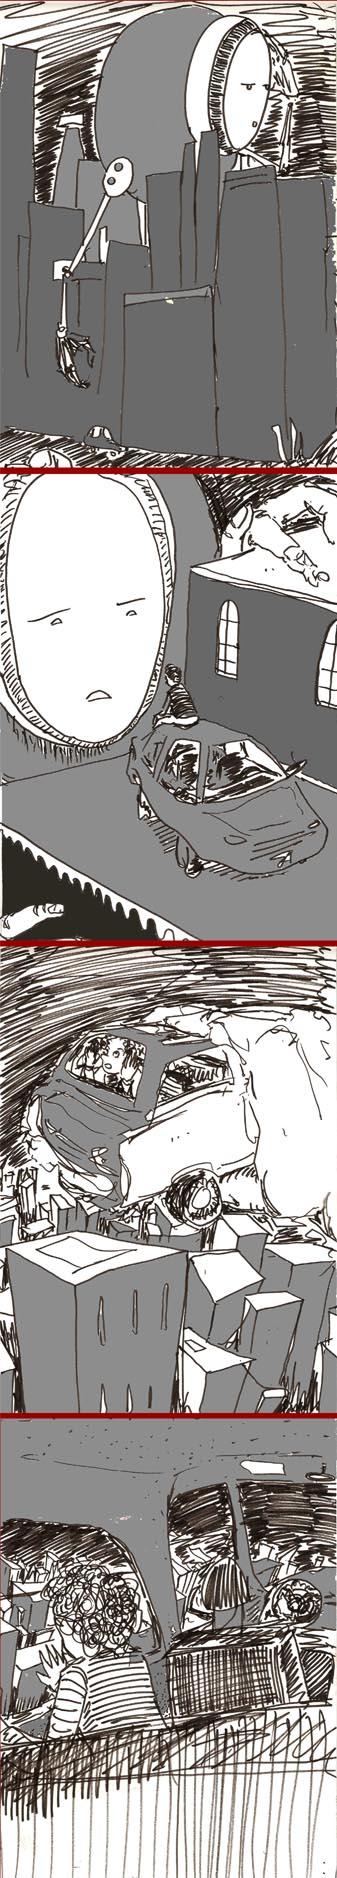 Robot Car Strip by buusan